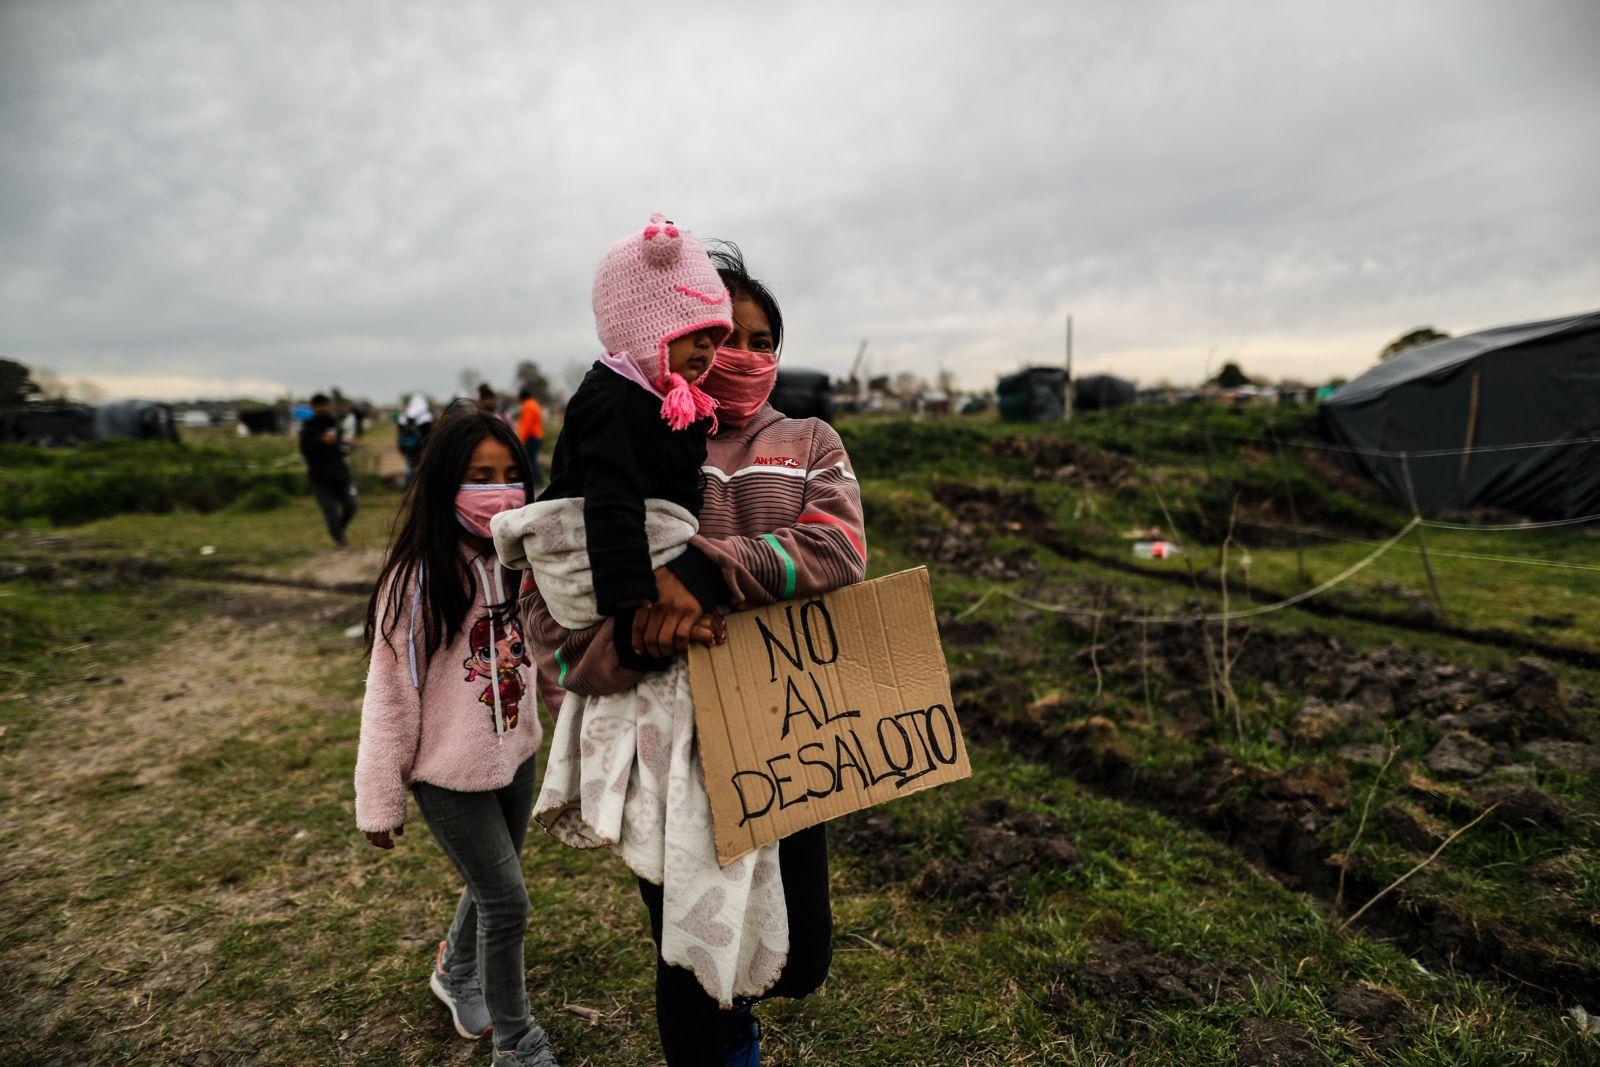 -FOTOGALERÍA: 9 de 23- AME5908. GUERNICA (ARGENTINA), 18/09/2020.- Una mujer camina con sus hijas durante una manfiestación contra el desalojo el 15 de septiembre de 2020, en la toma de tierras de la localidad de Guernica, a 30 km de Buenos Aires (Argentina). Más de mil personas en condición de pobreza se instalaron desde el 20 de julio en un terreno de 100 hectáreas ubicado en Guernica, conformando la más grande toma de tierras en la provincia de Buenos Aires. EFE/ Juan Ignacio Roncoroni